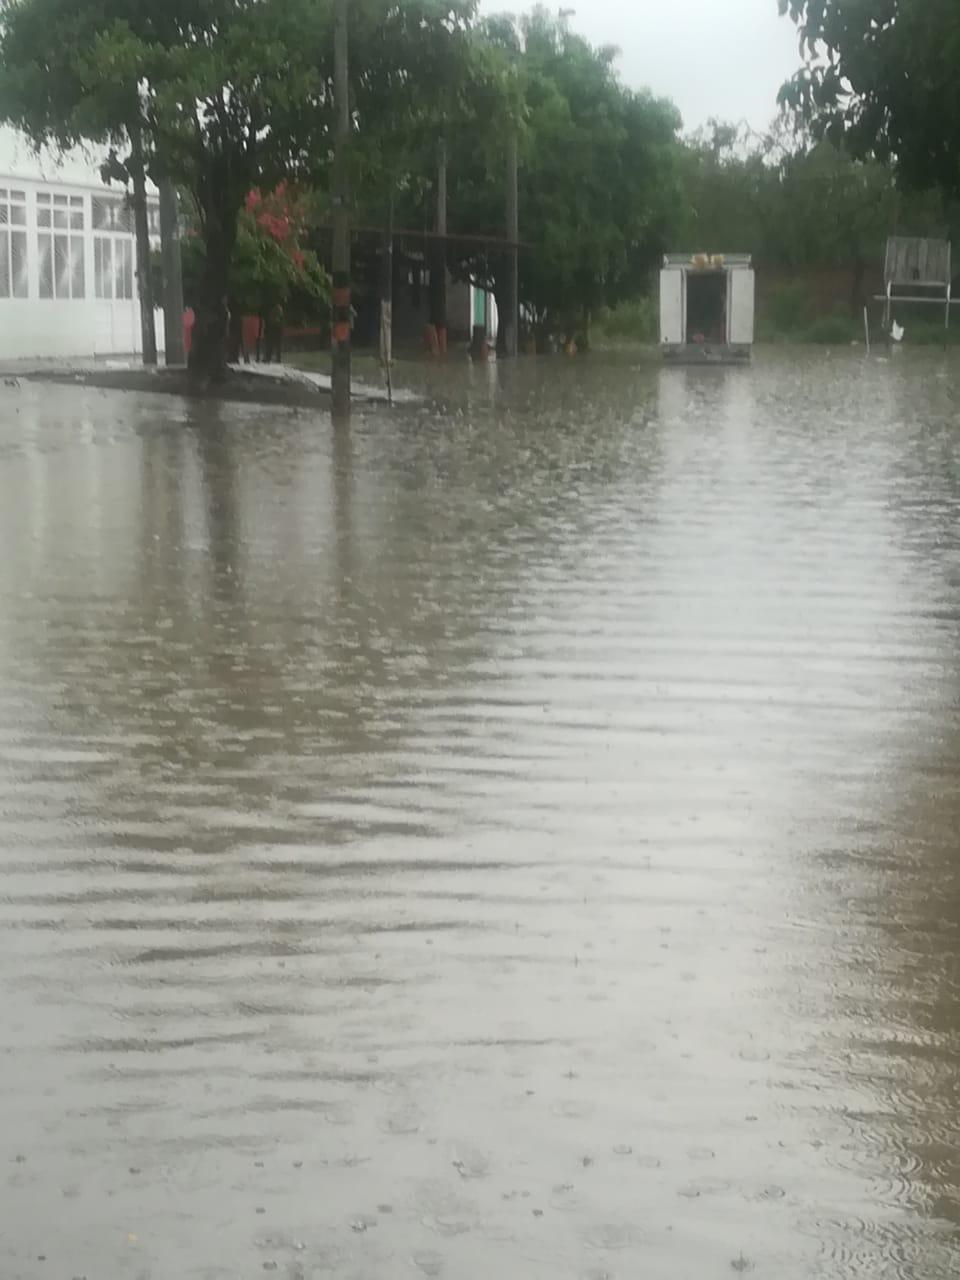 Inundación en Flandes a causa de las fuertes lluvias